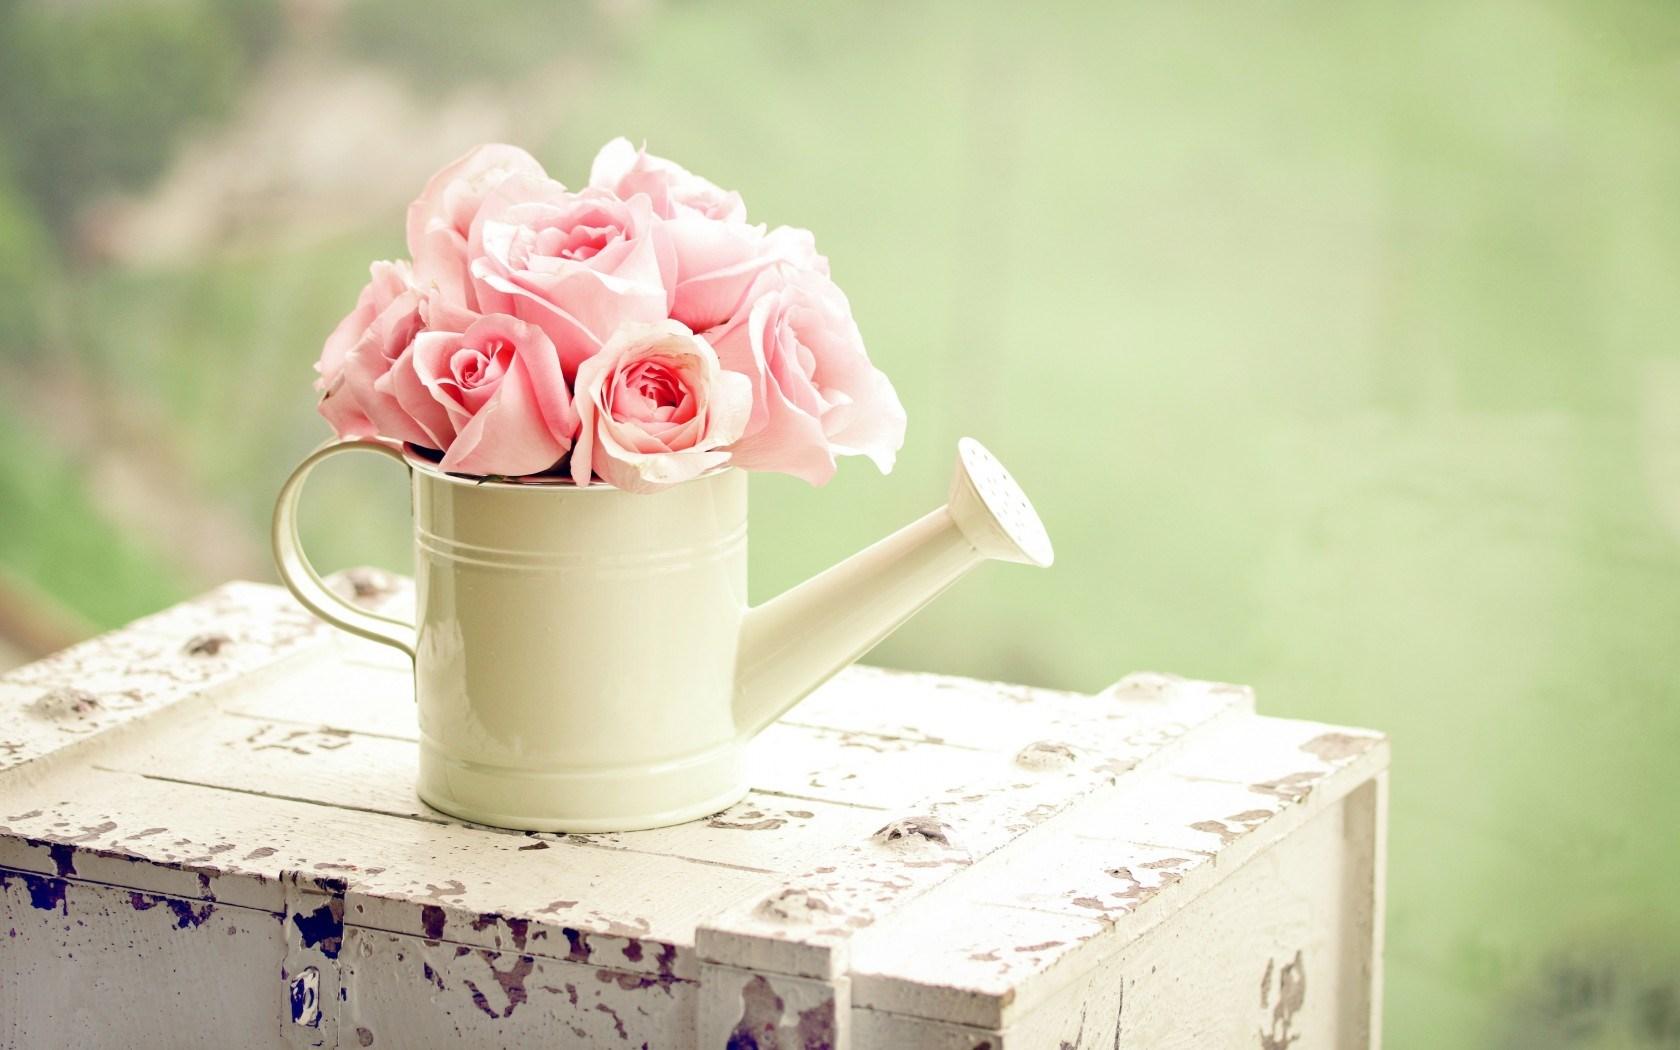 Cute pink flowers wallpaper 42176 1680x1050px cute pink flowers wallpaper 42176 mightylinksfo